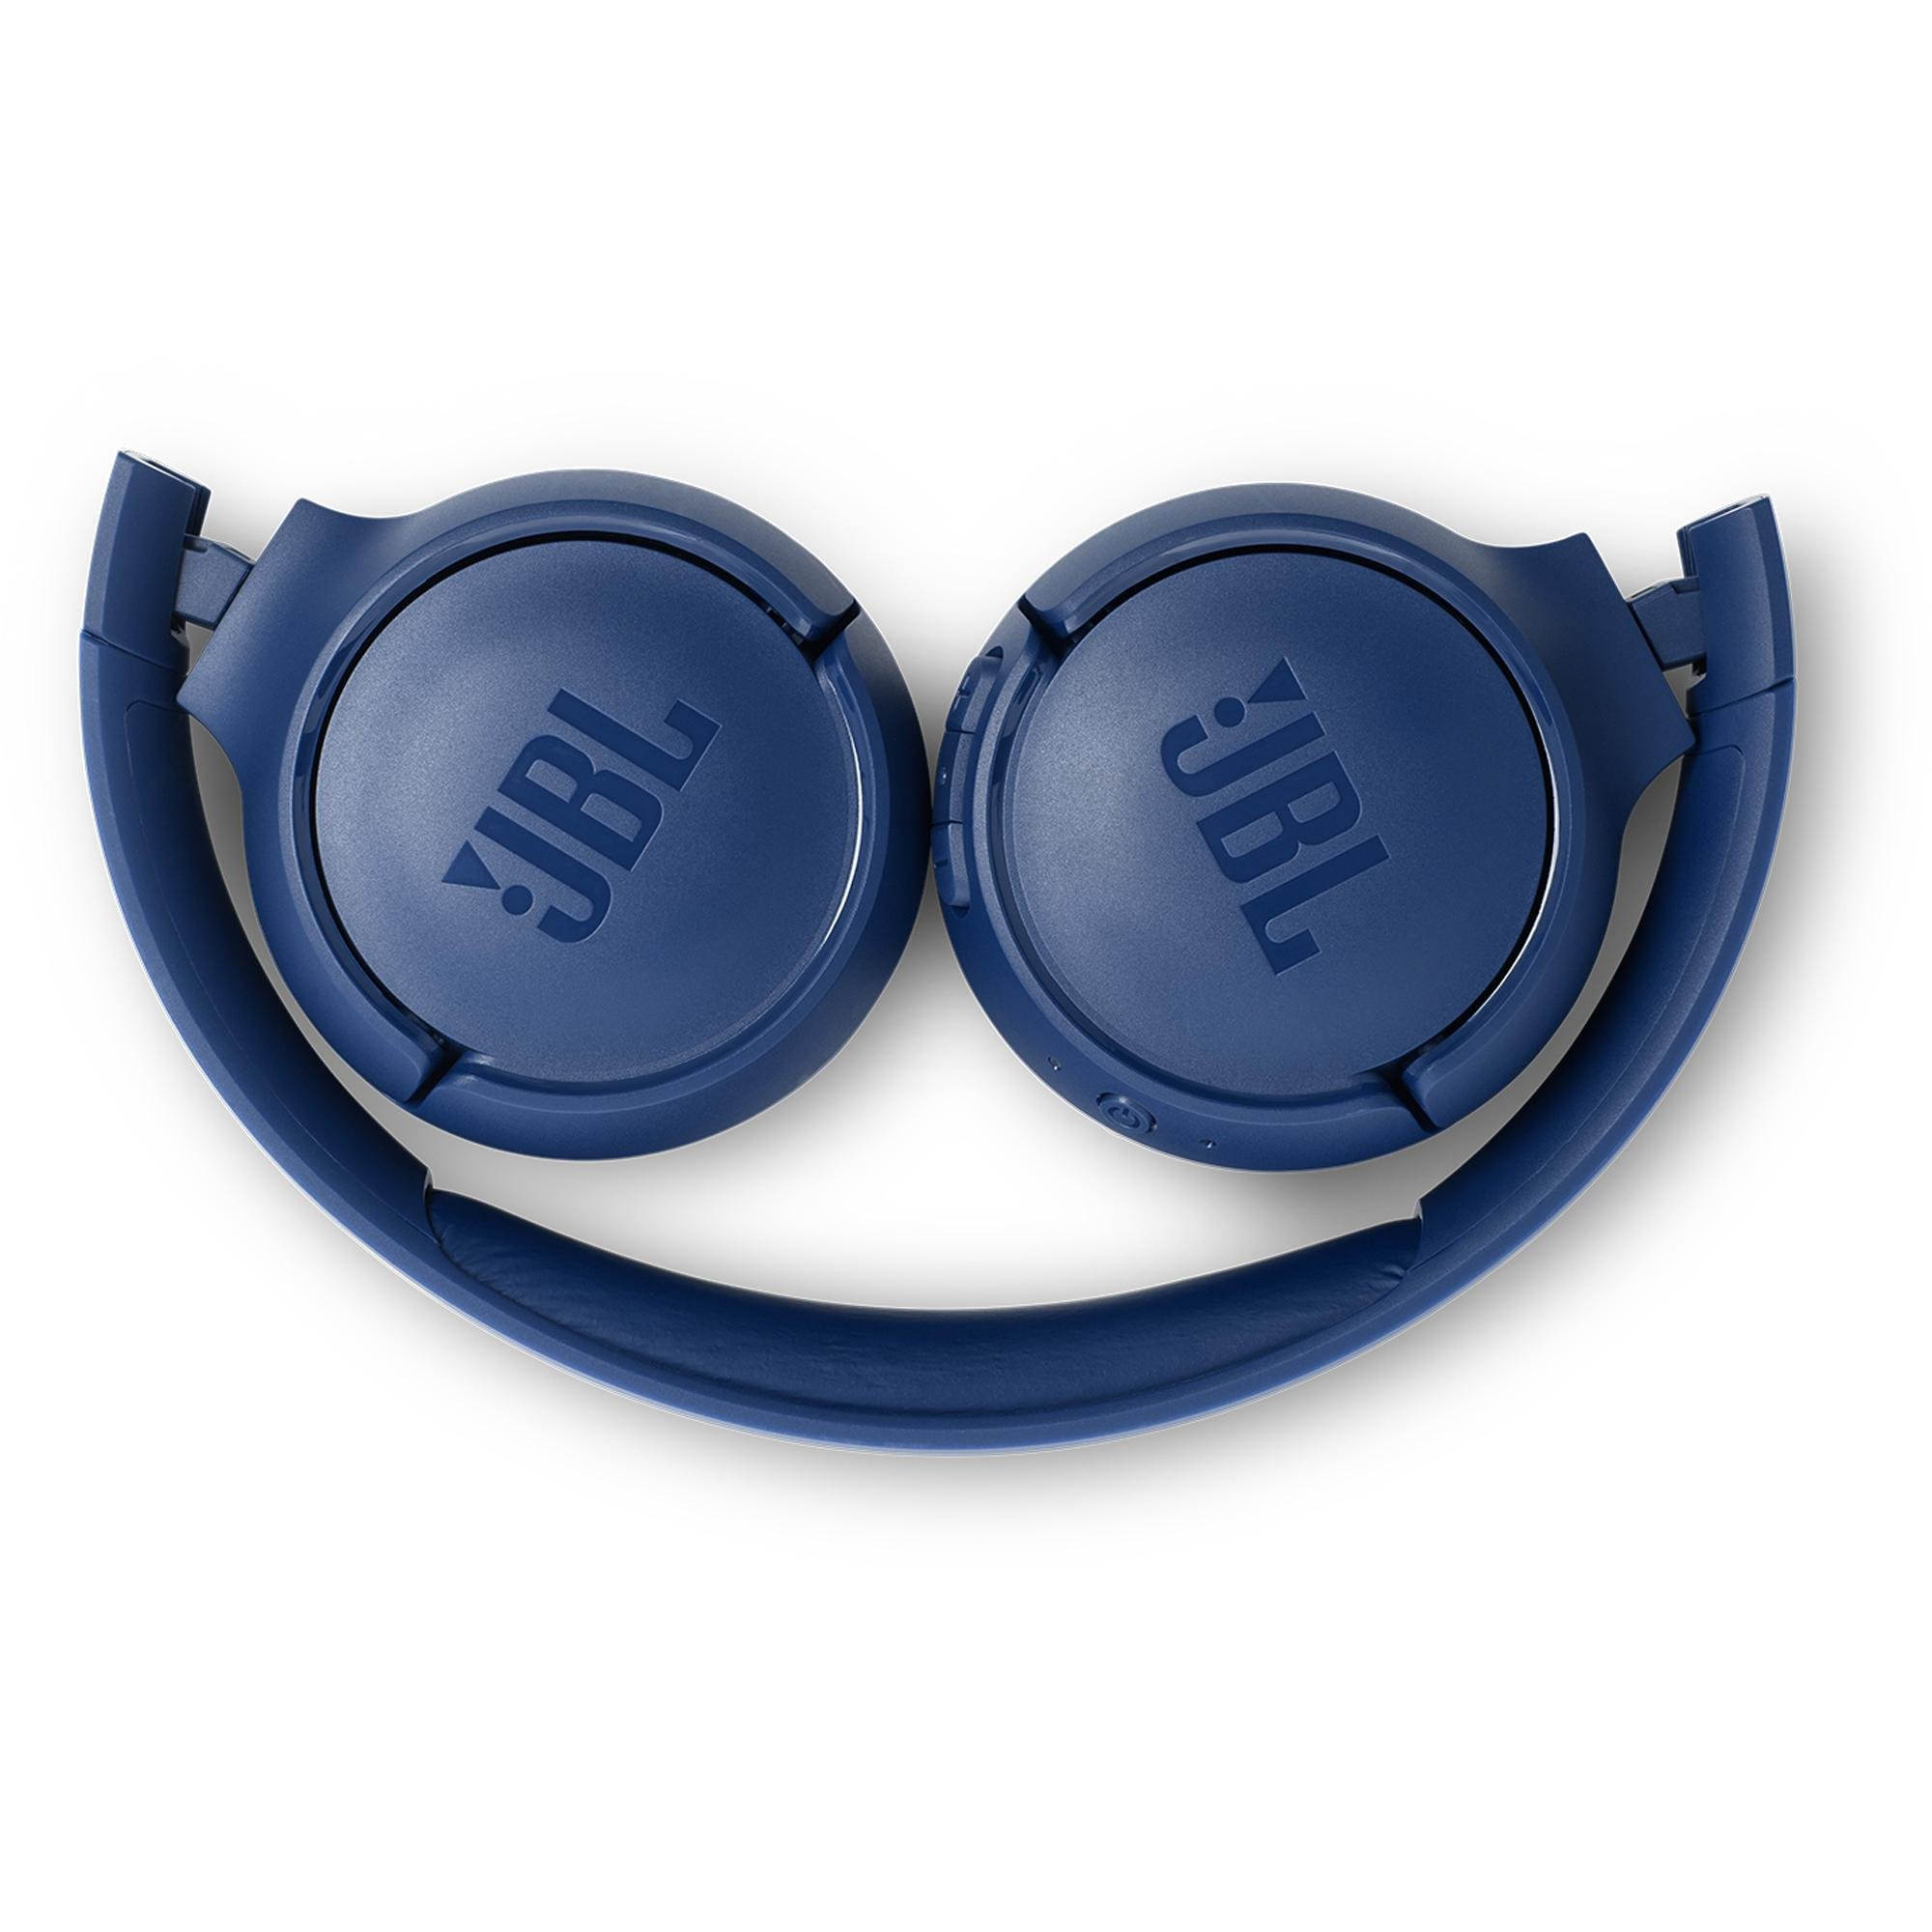 Fone de Ouvido Bluetooth 32mm Tune 500BT Azul JBL